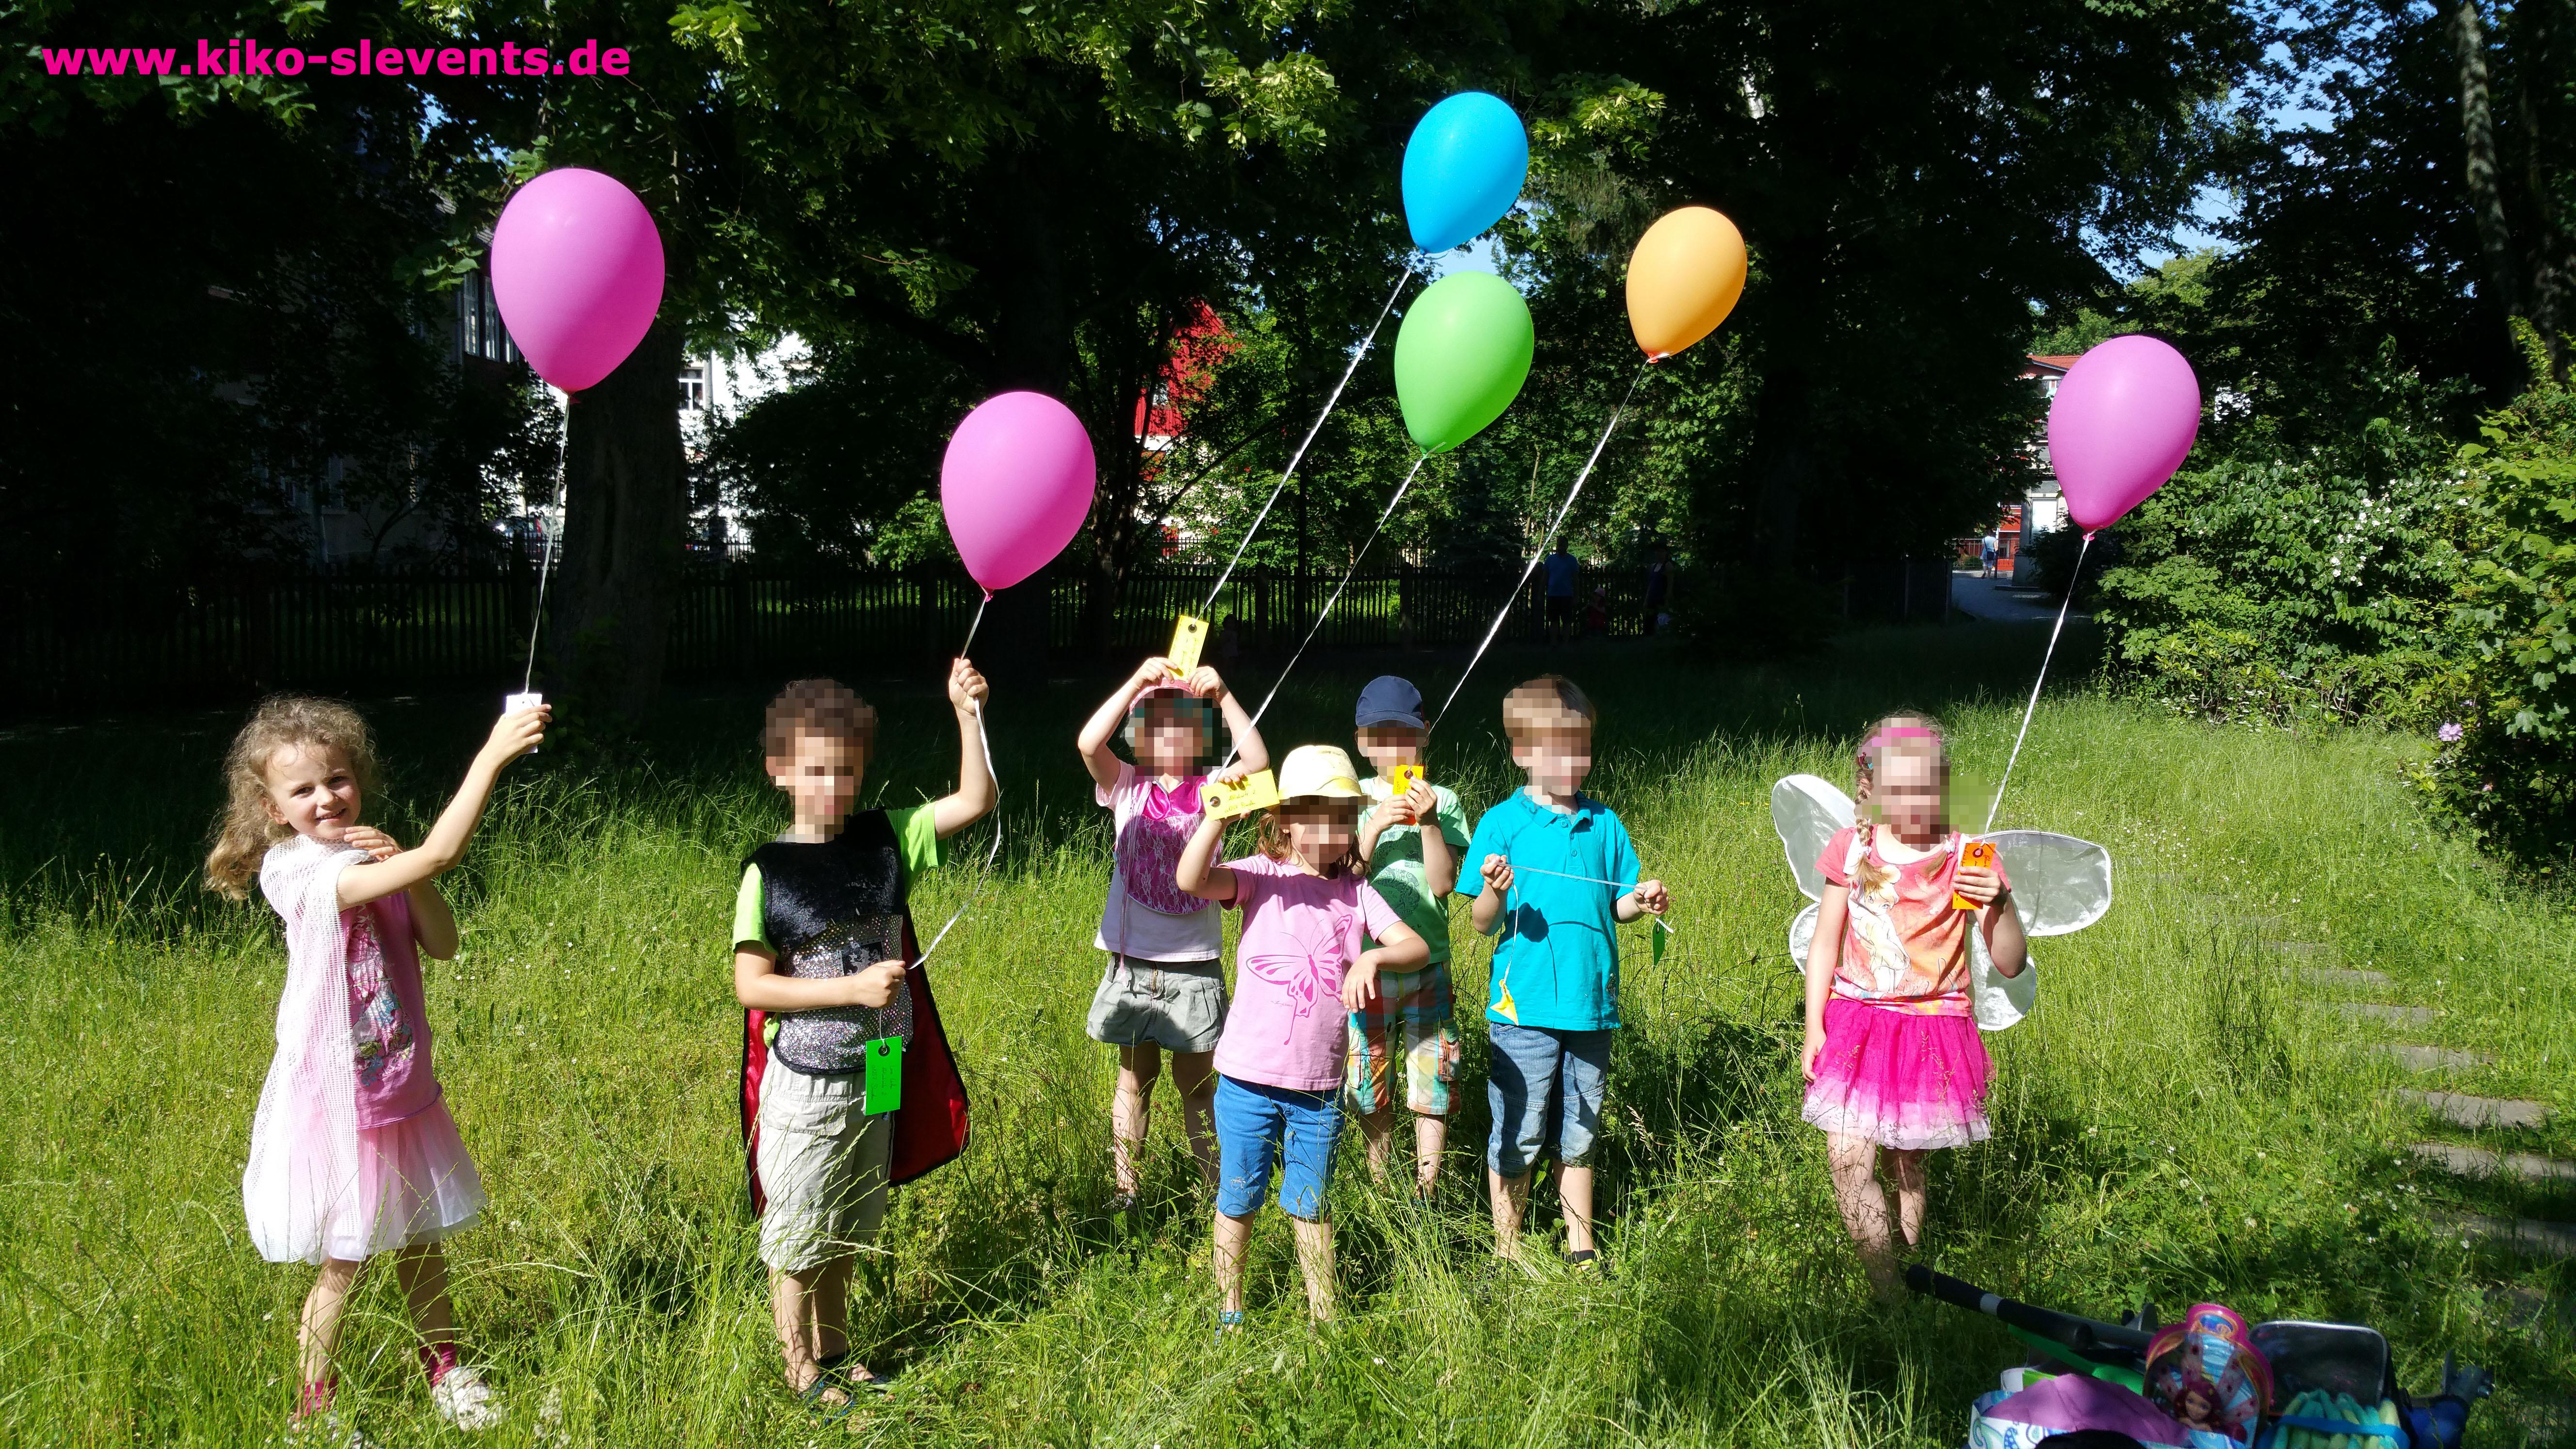 Kindergeburtstag Kinder Luftballons